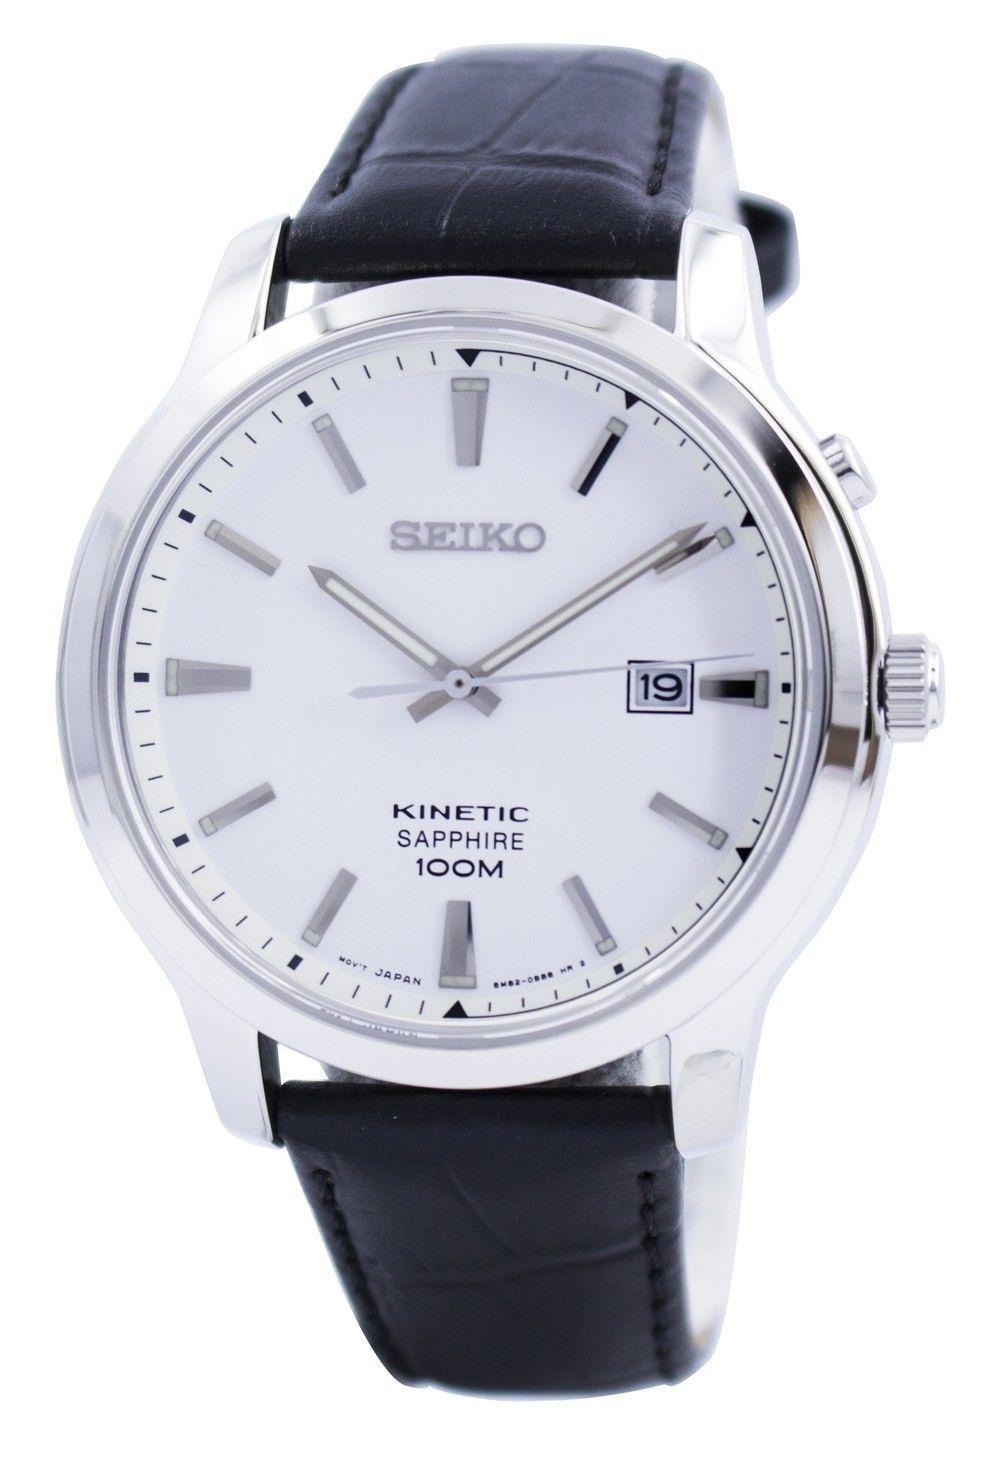 นาฬิกาผู้ชาย Seiko รุ่น SKA743P1, Kinetic Sapphire 100M Men's Watch